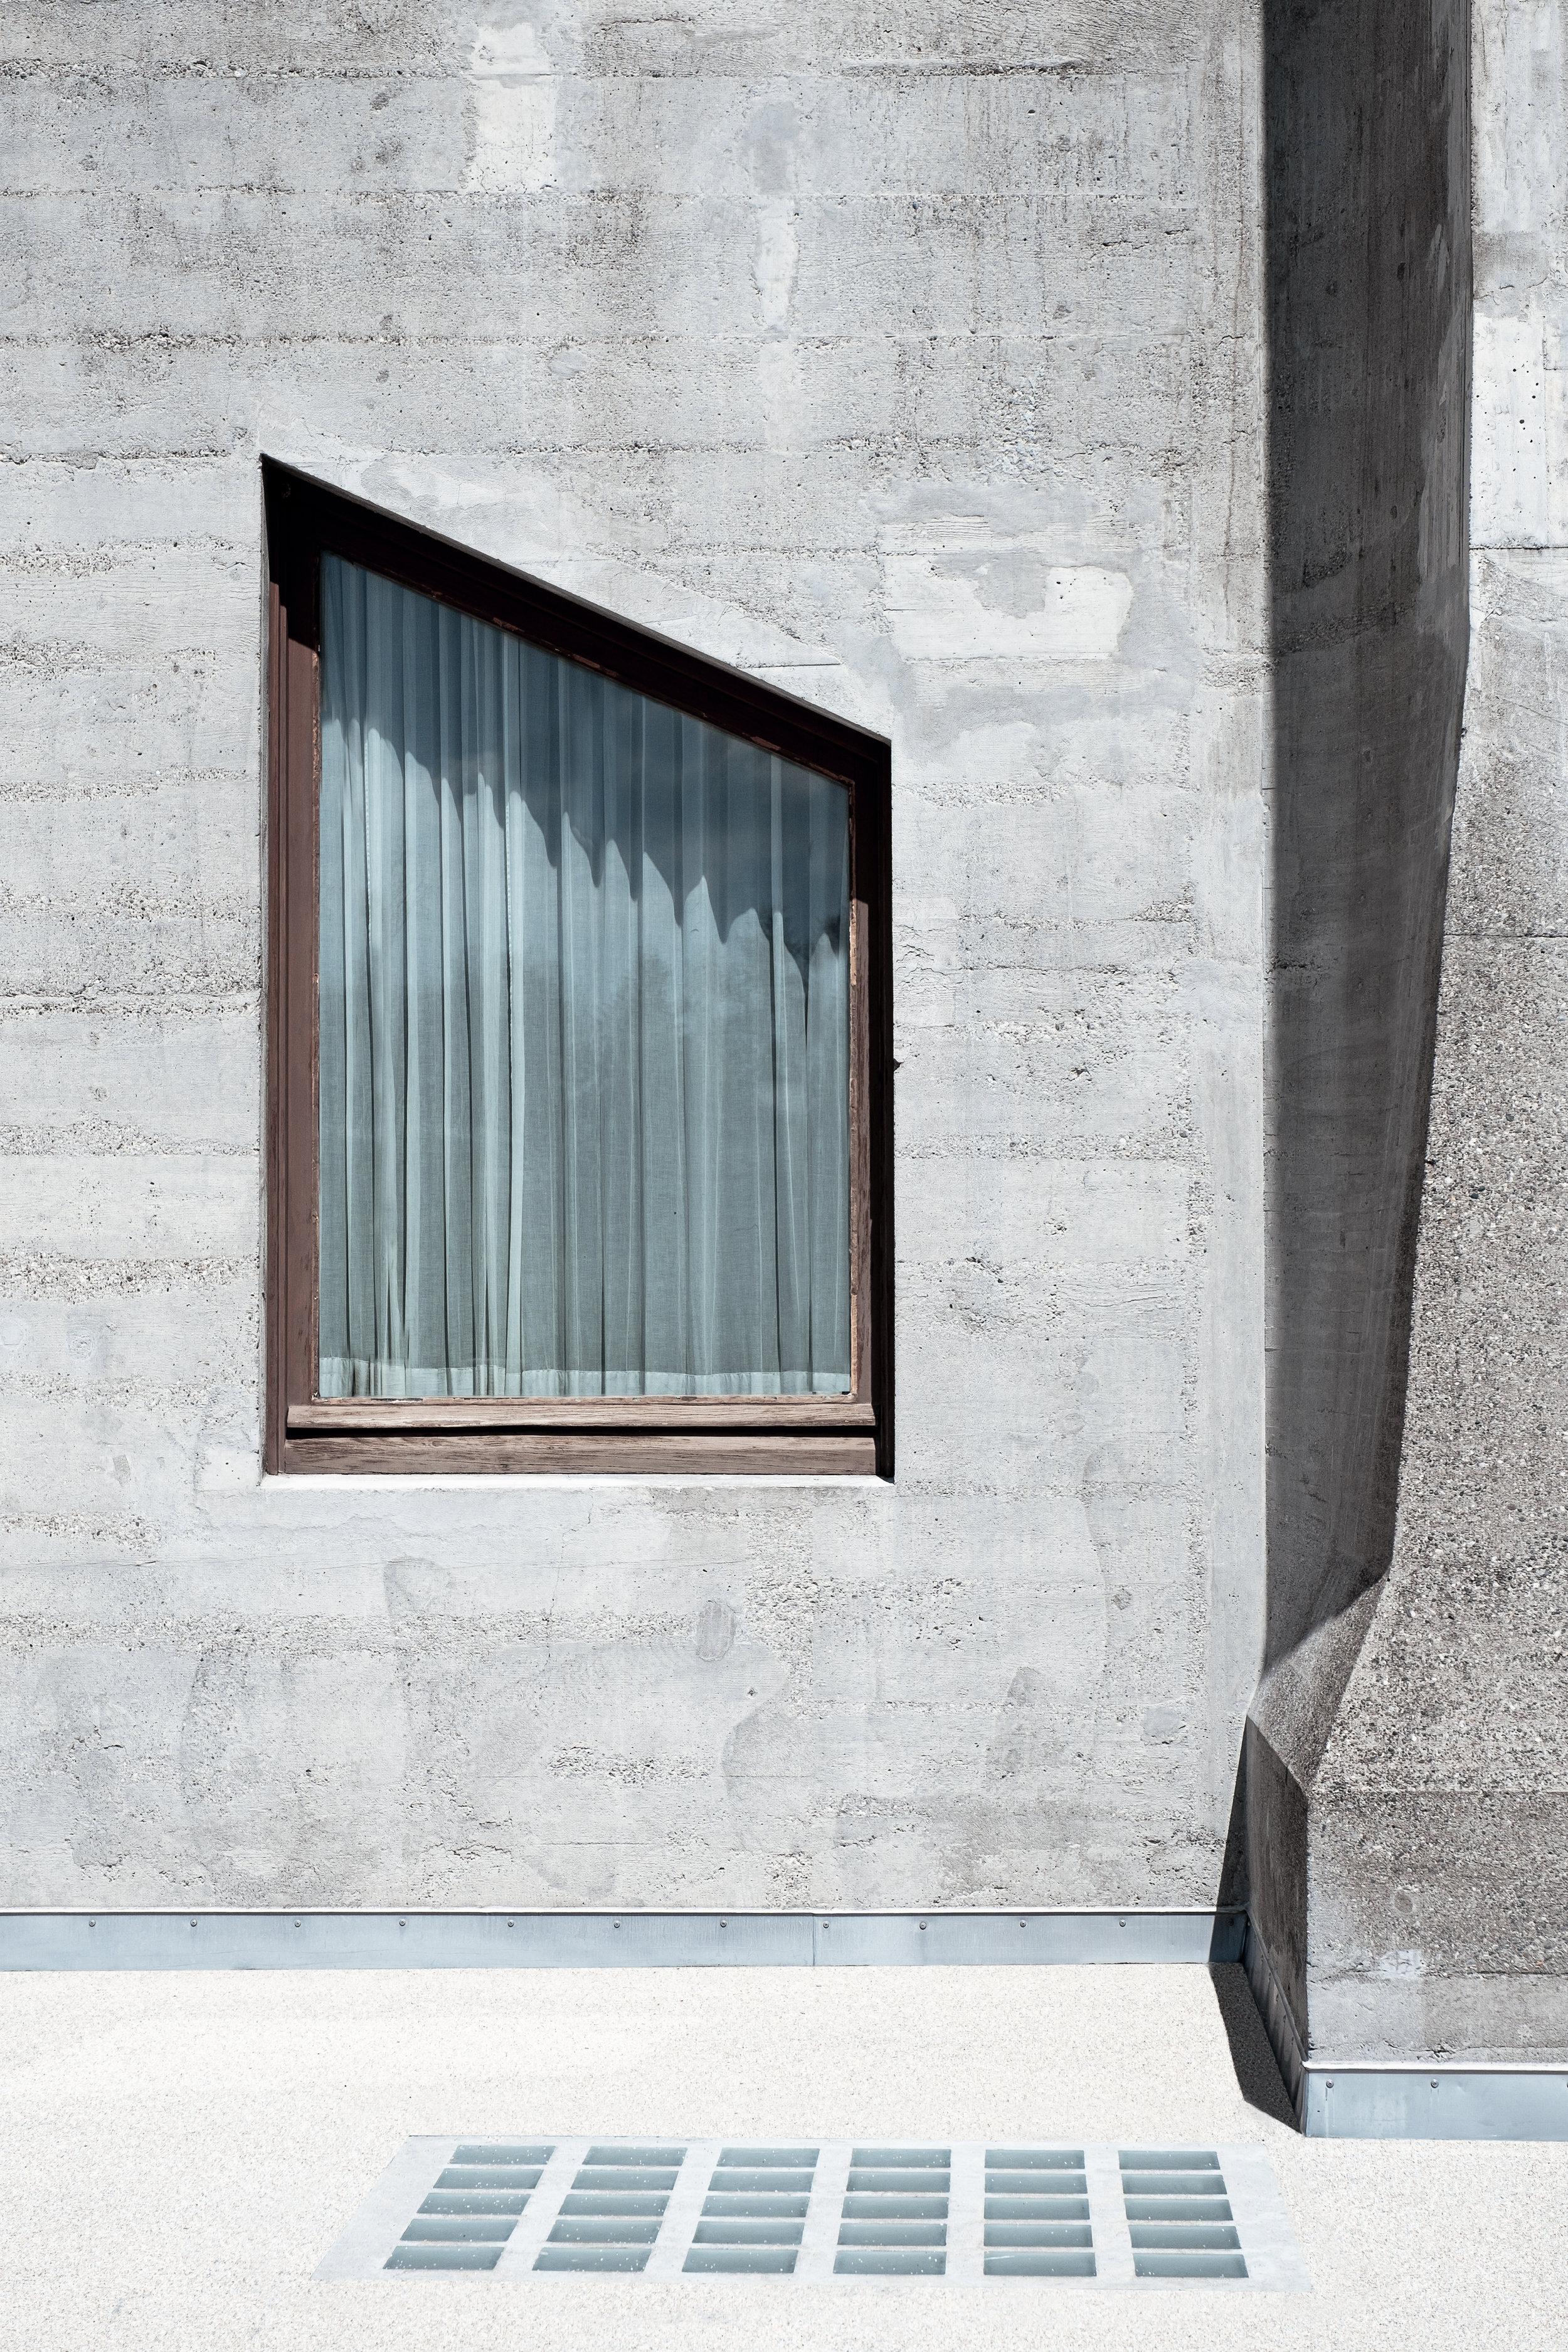 Goetheanum_2019_MTD_596-Edit.jpg